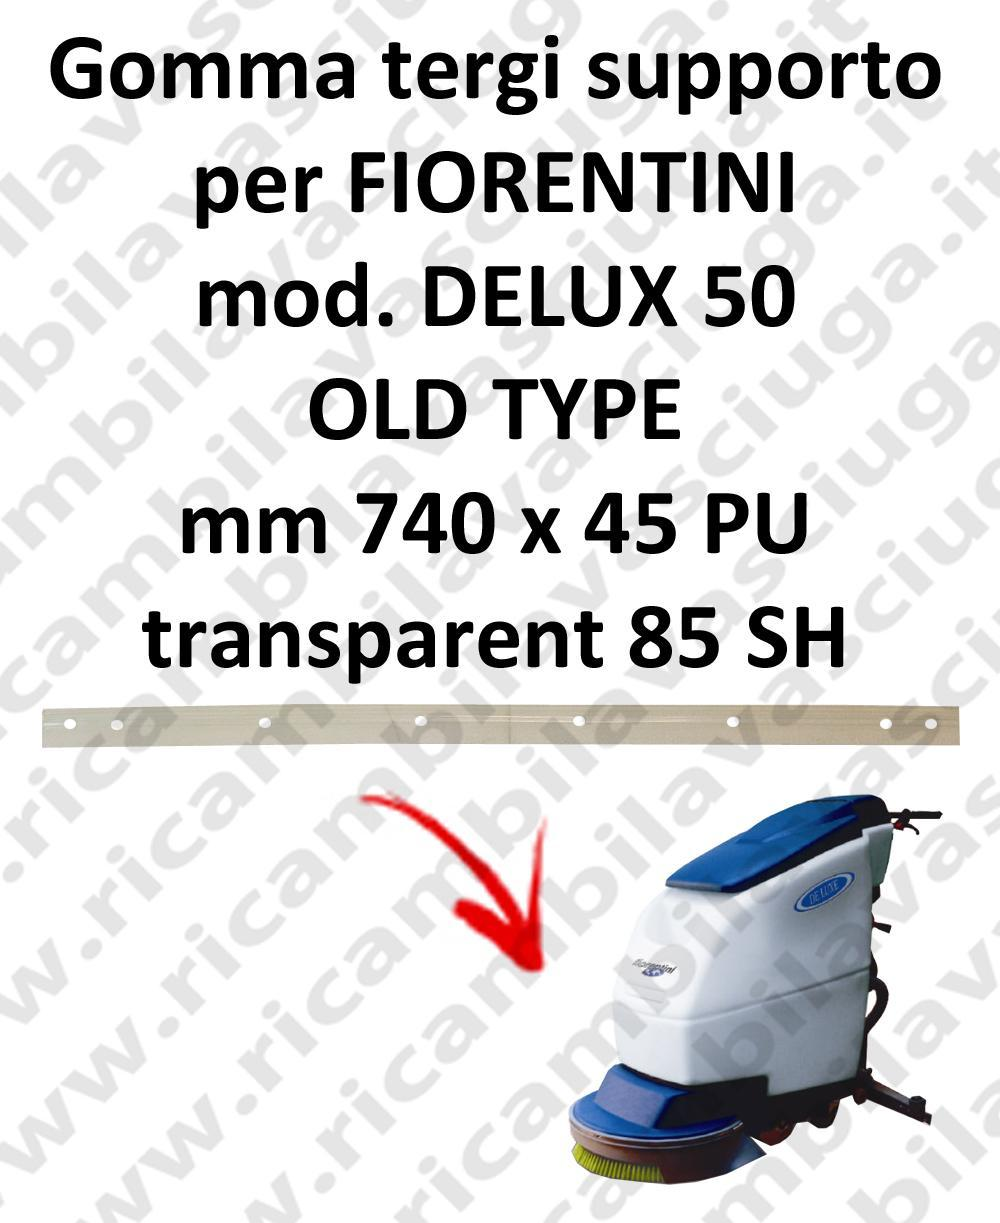 DELUX 50 old type BAVETTE soutien pour autolaveuses FIORENTINI